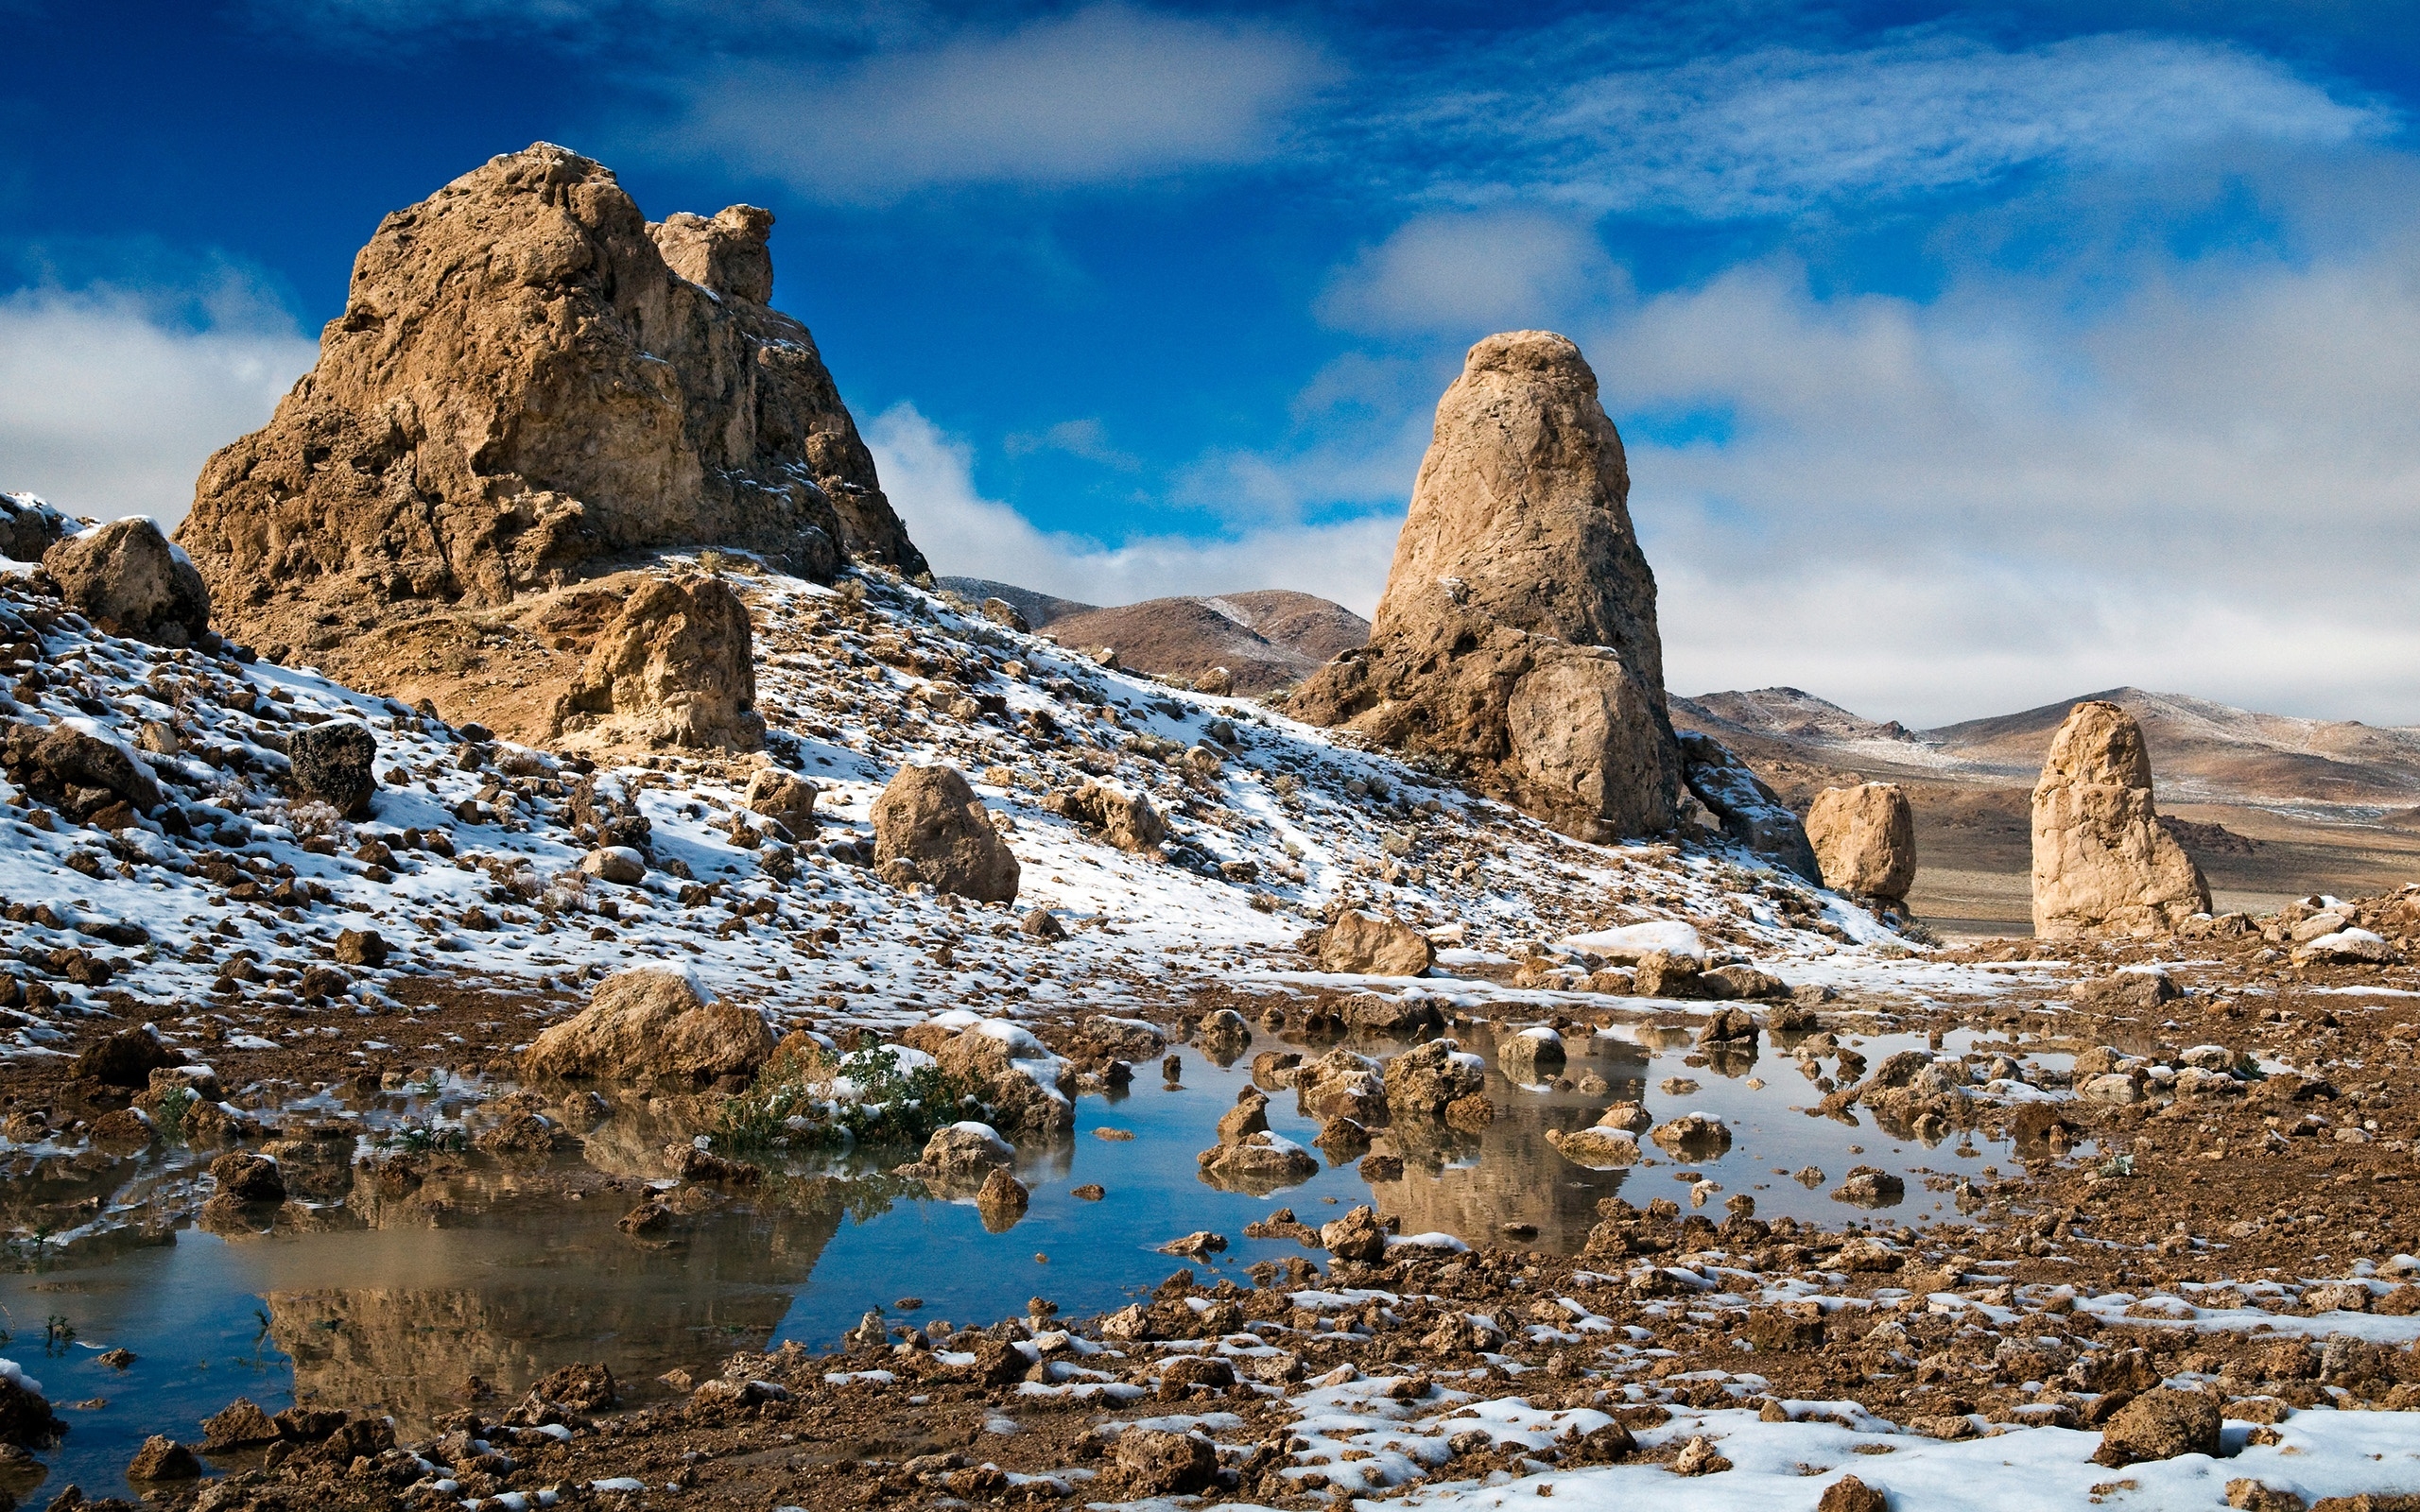 壁紙 荒野の岩雪 2560x1600 Hd 無料のデスクトップの背景 画像